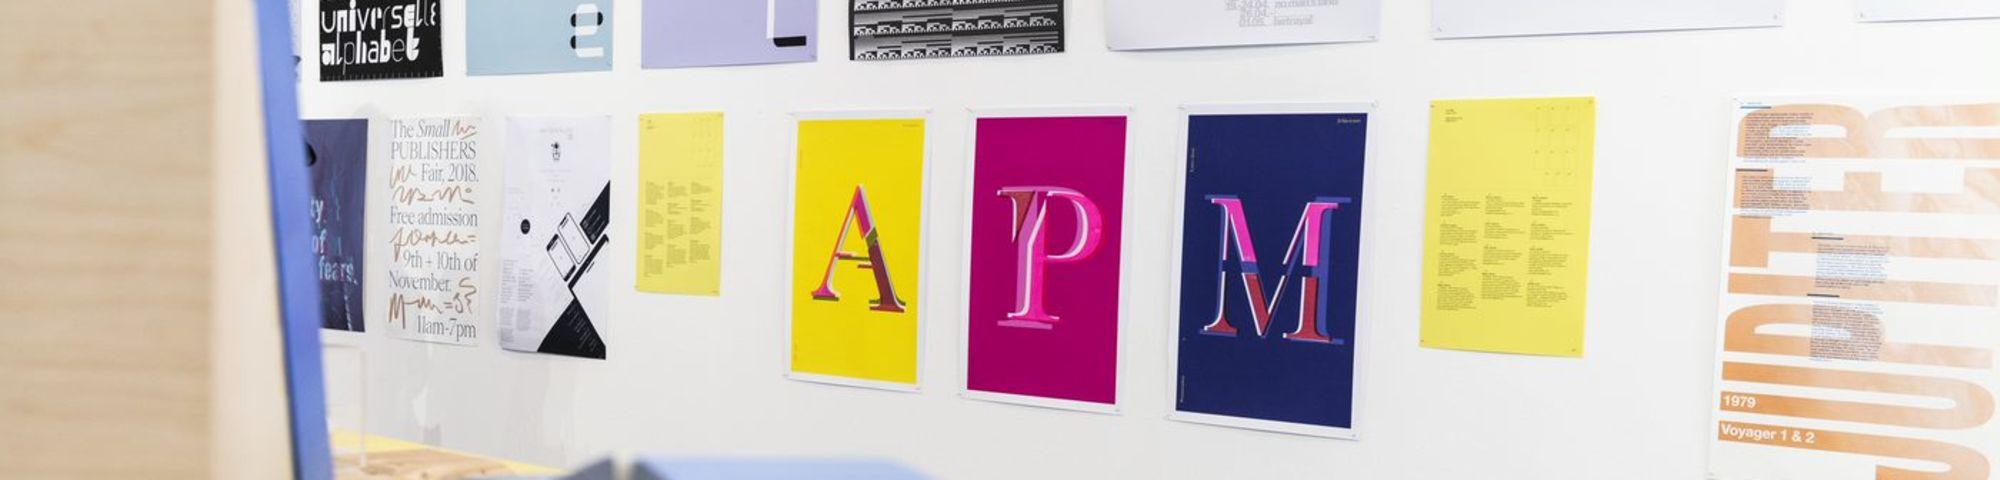 5f7234809 Digital Typographic Design